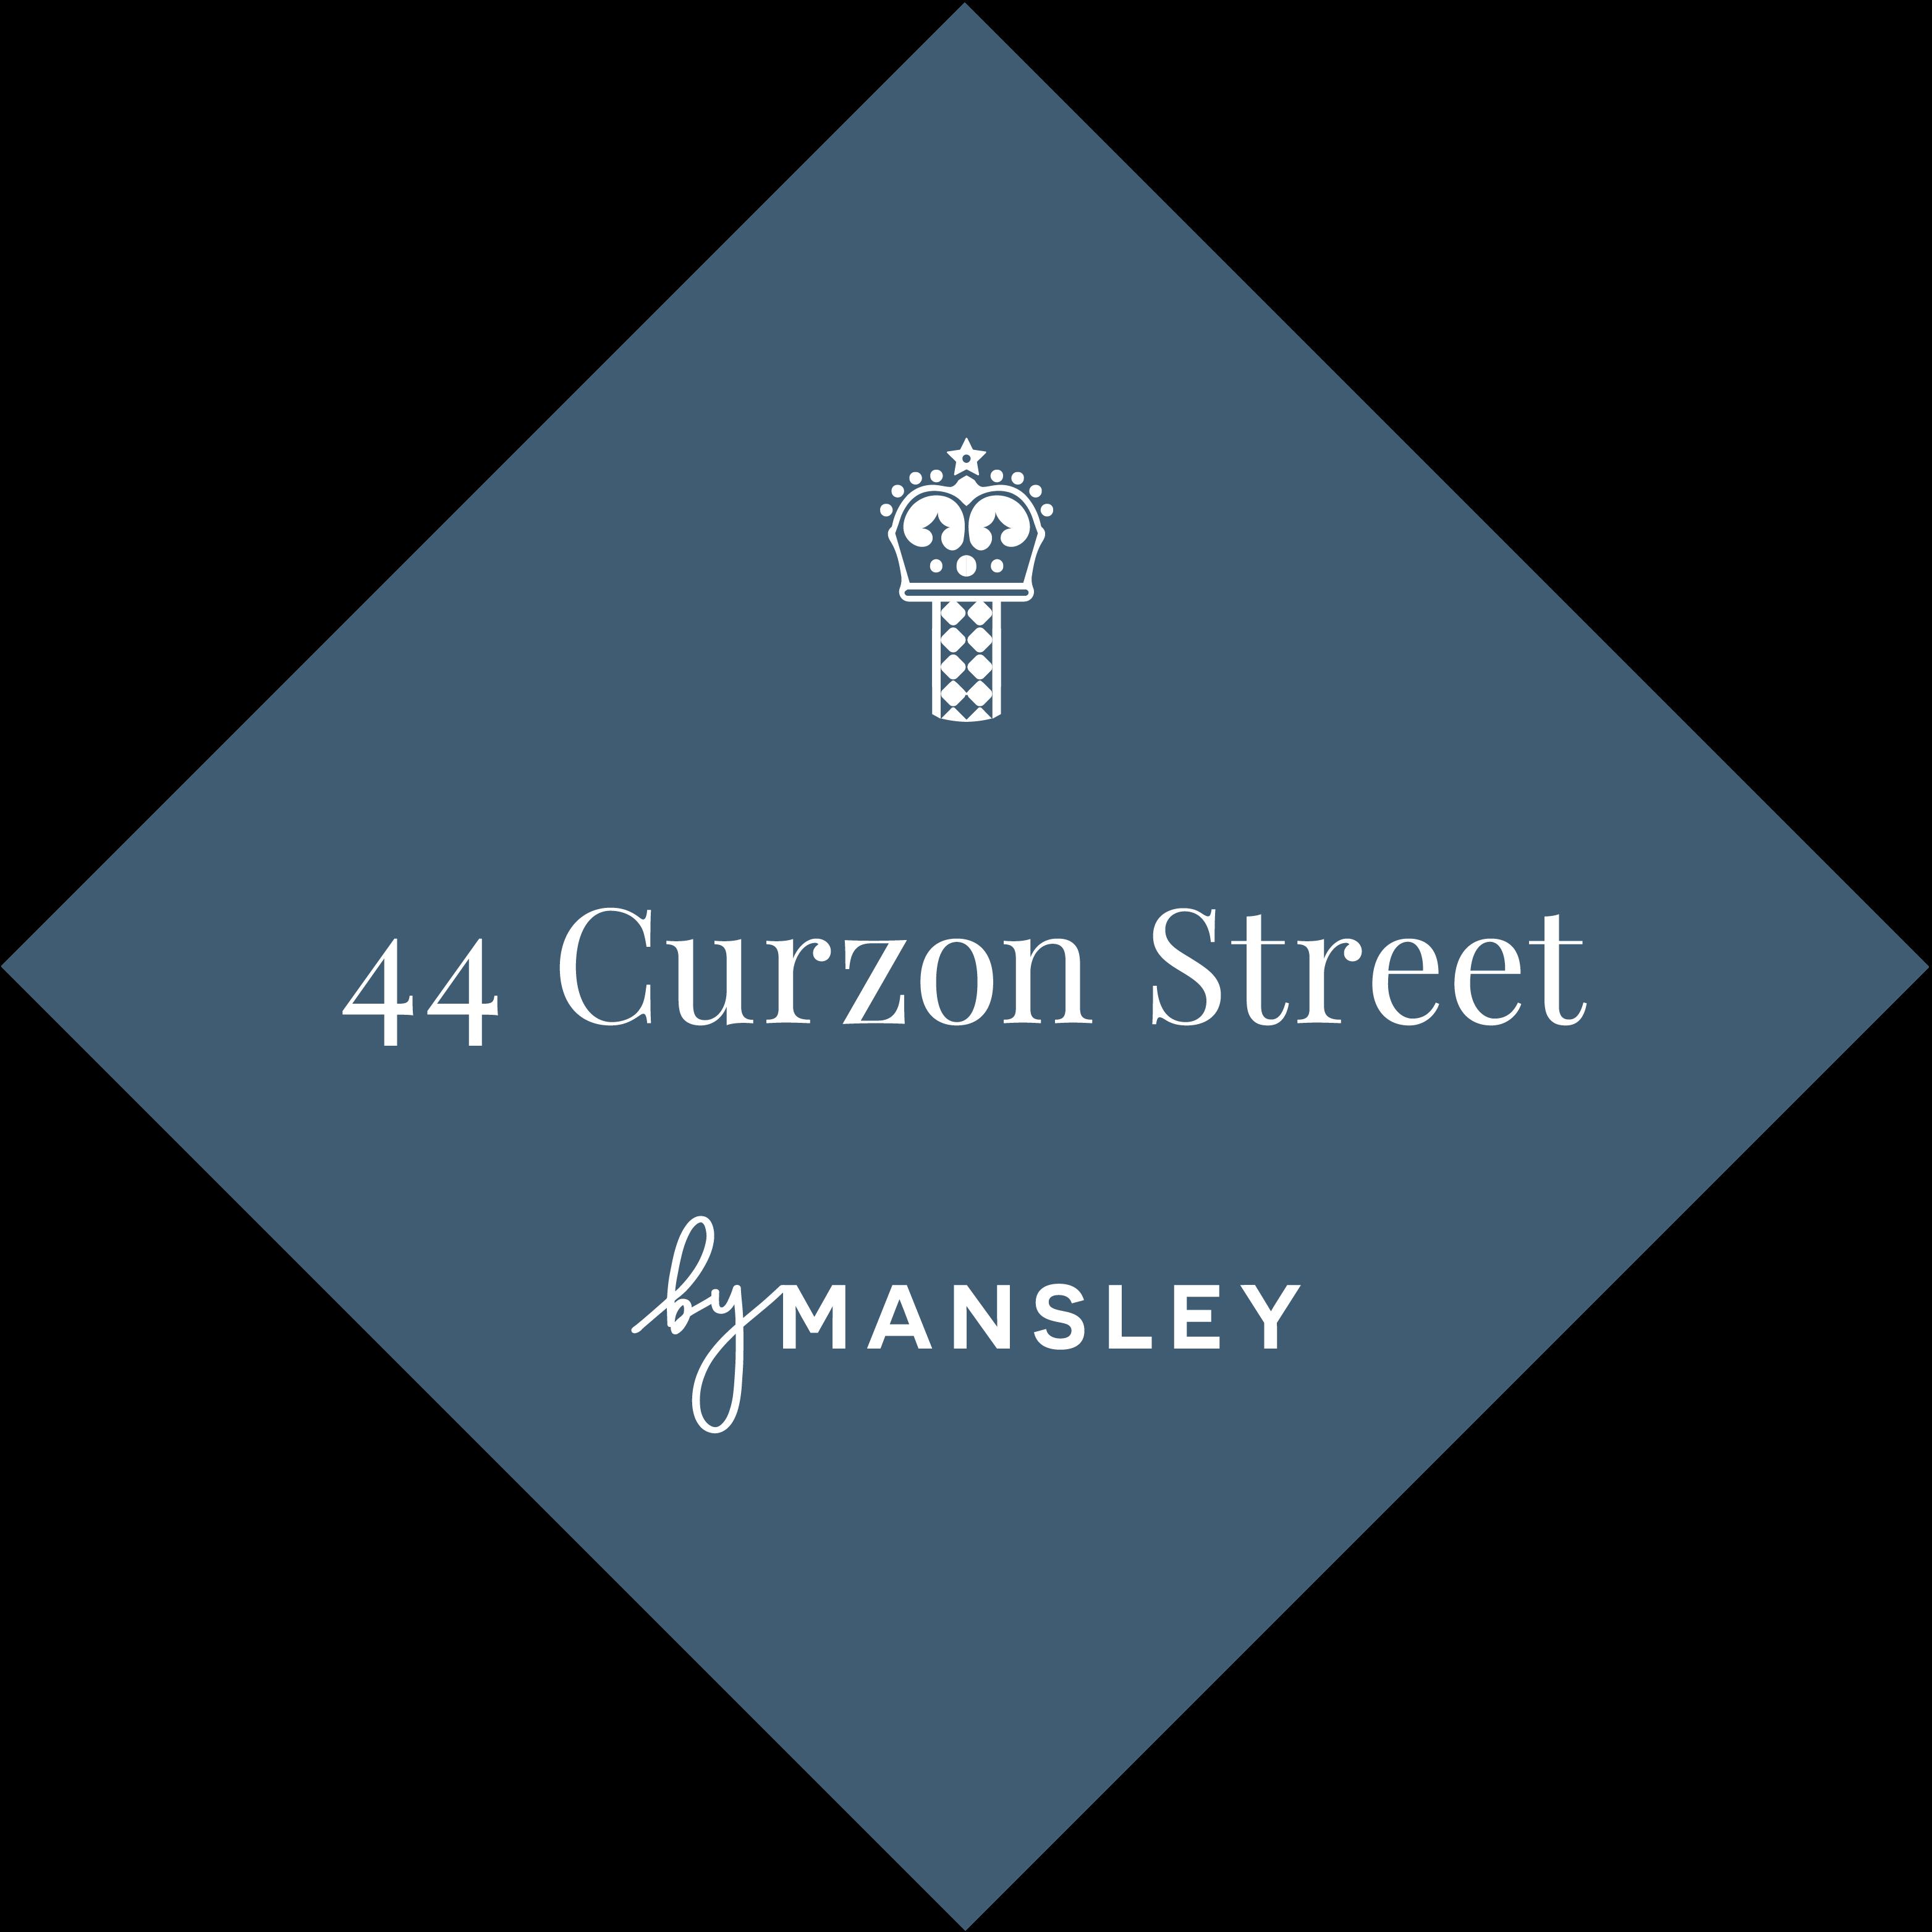 44 curzon street diamond icon